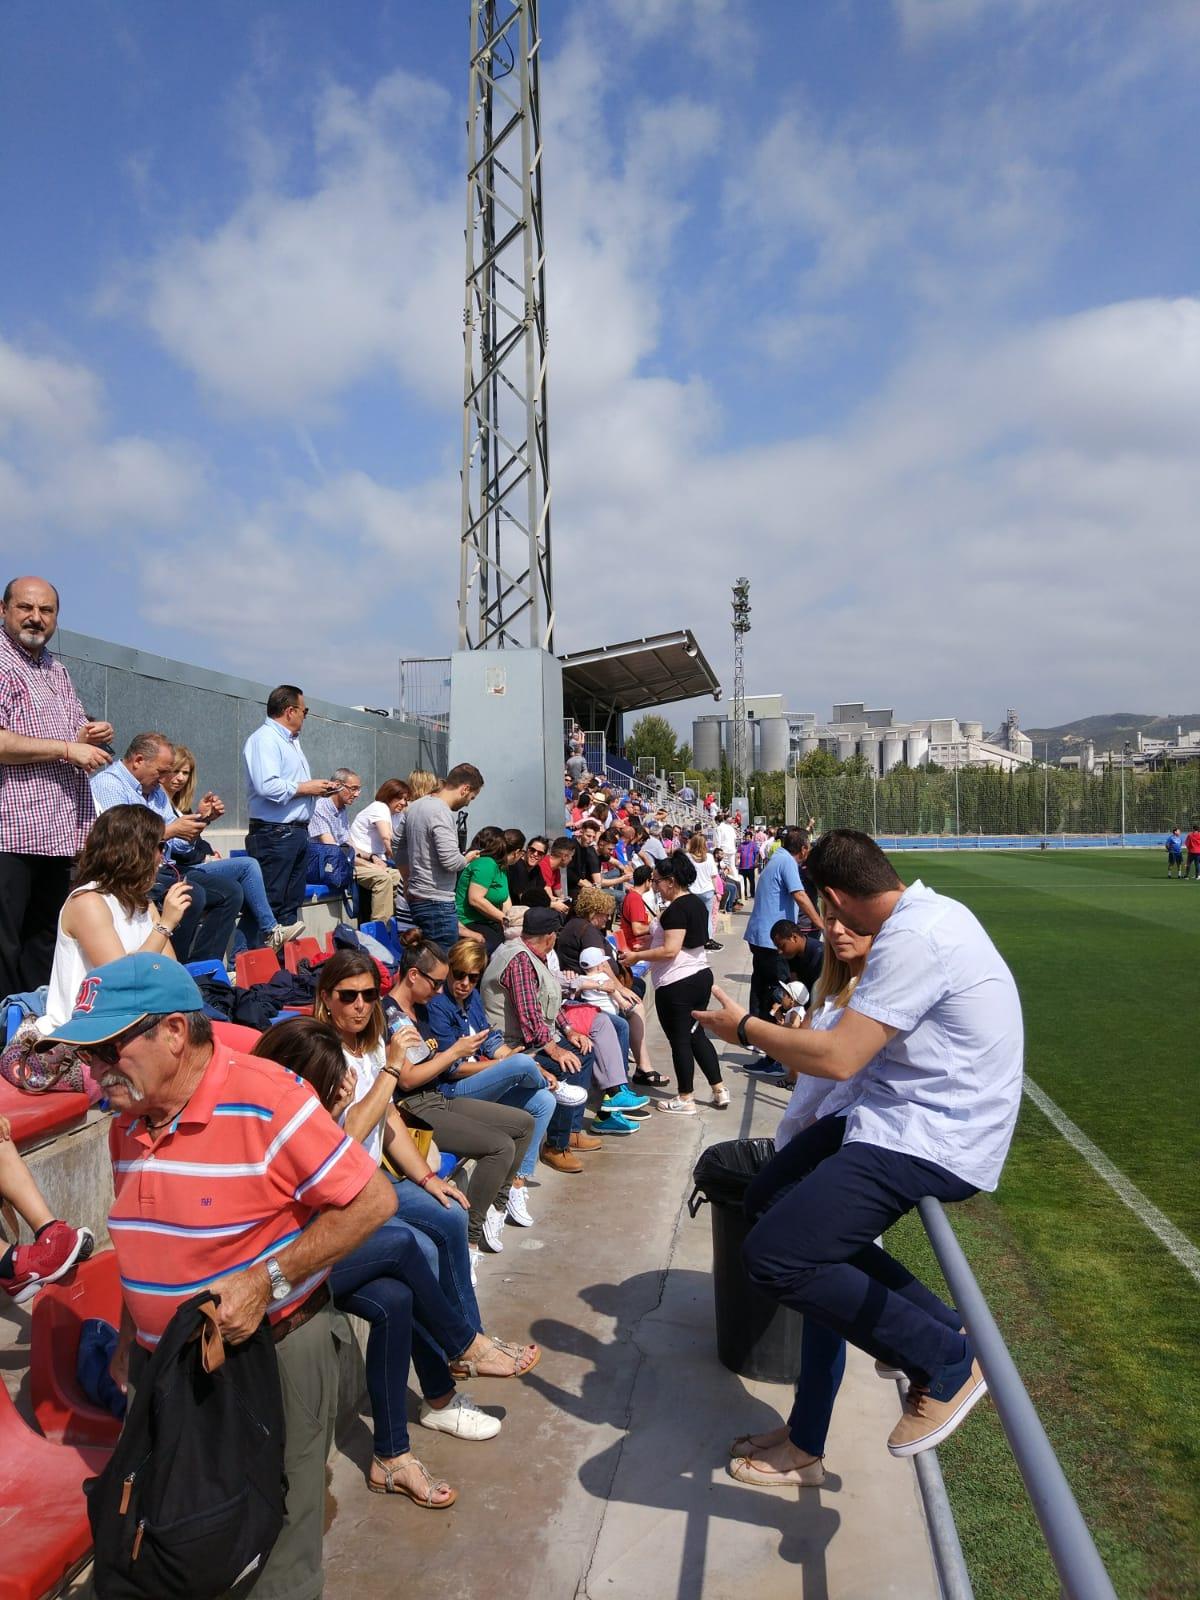 Primeras imágenes del ambientazo que se vive en Buñol y donde seguir en directo el partido Atlético Levante-CD Calahorra